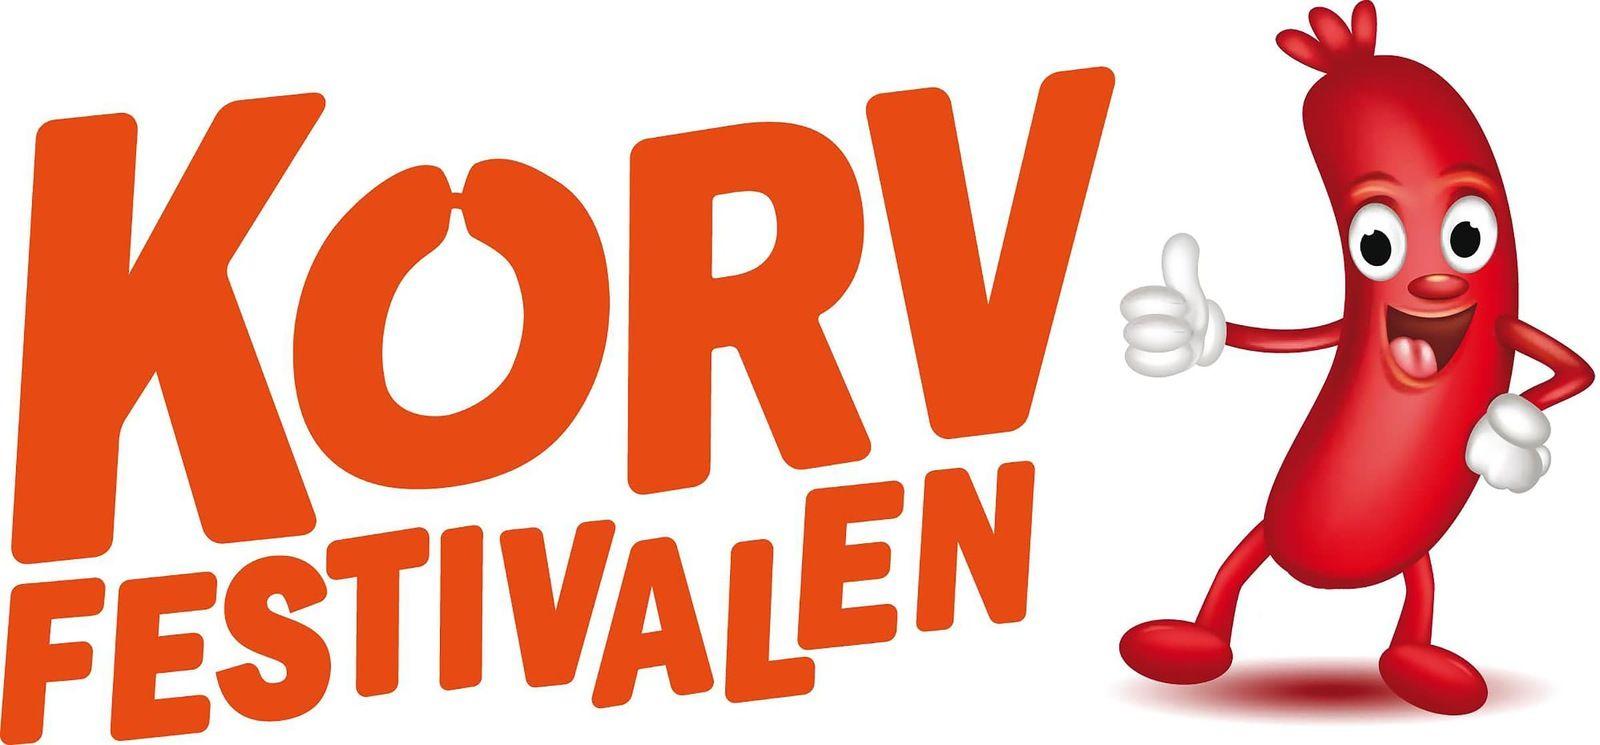 mer-korv-t-folket-korvfestivalen-10-11-mars.jpg